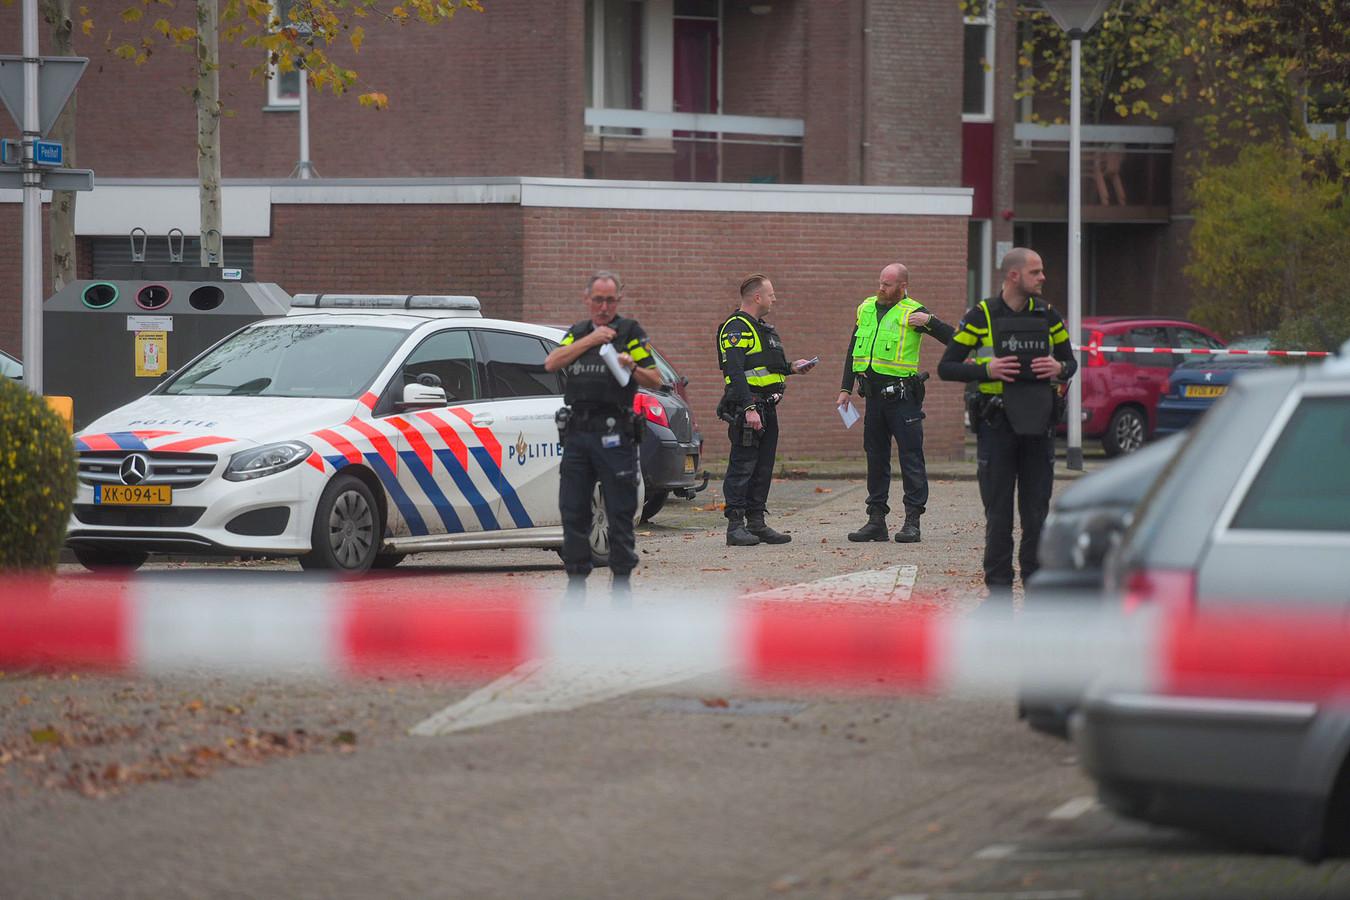 Volop politie in de Helmondse Peelhof november 2019. Daar was op klaarlichte dag, met mensen op straat, geschoten op een wegvluchtende auto. De oorzaak lag in gedoe om een meisje